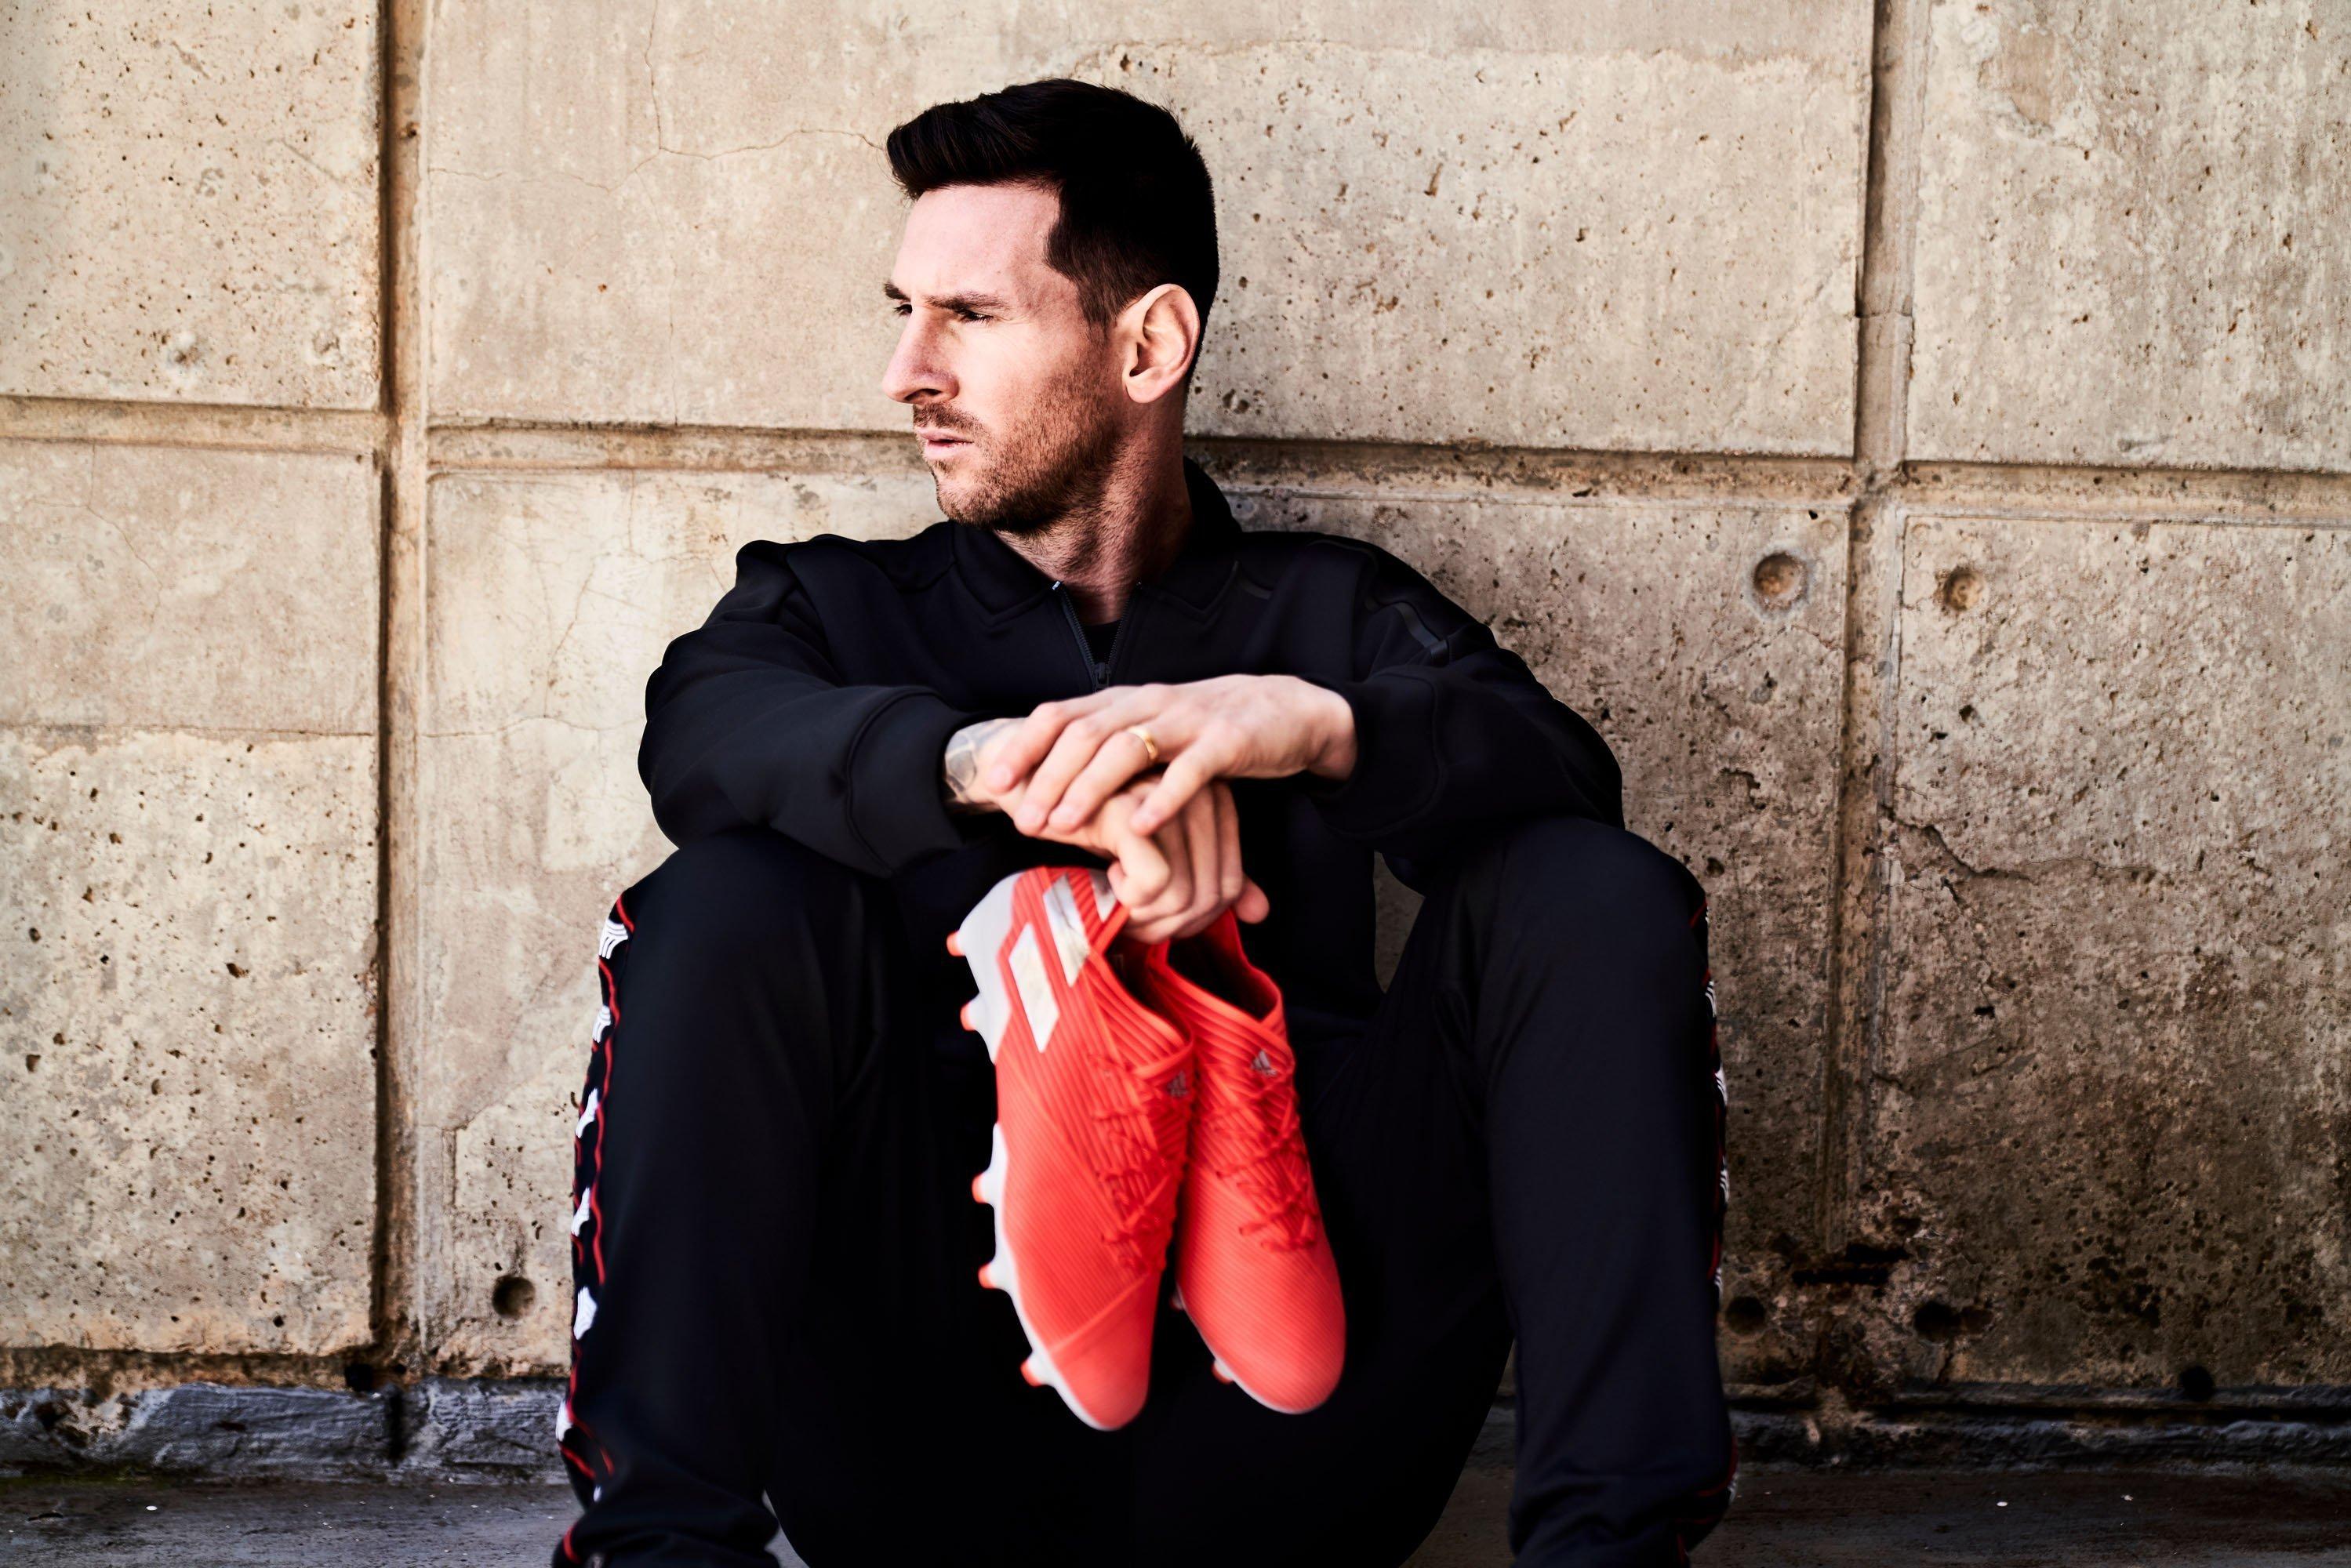 """Лионель Месси: """"Я не управляю """"Барселоной"""", я просто один из игроков"""" - изображение 4"""